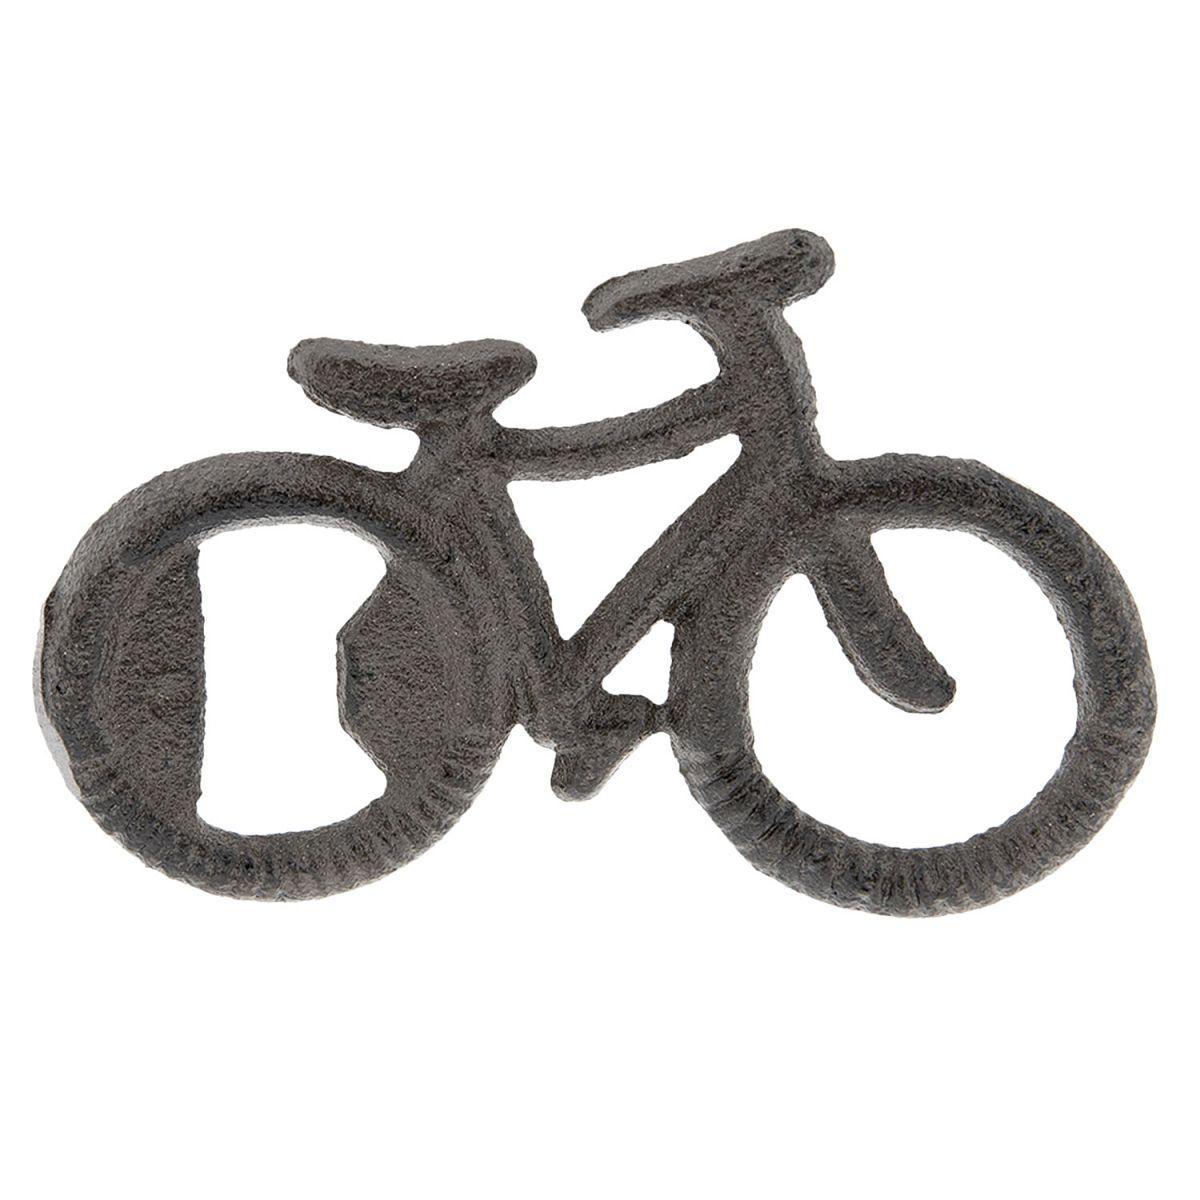 Otvírák na korunkové uzávěry BICYCLE